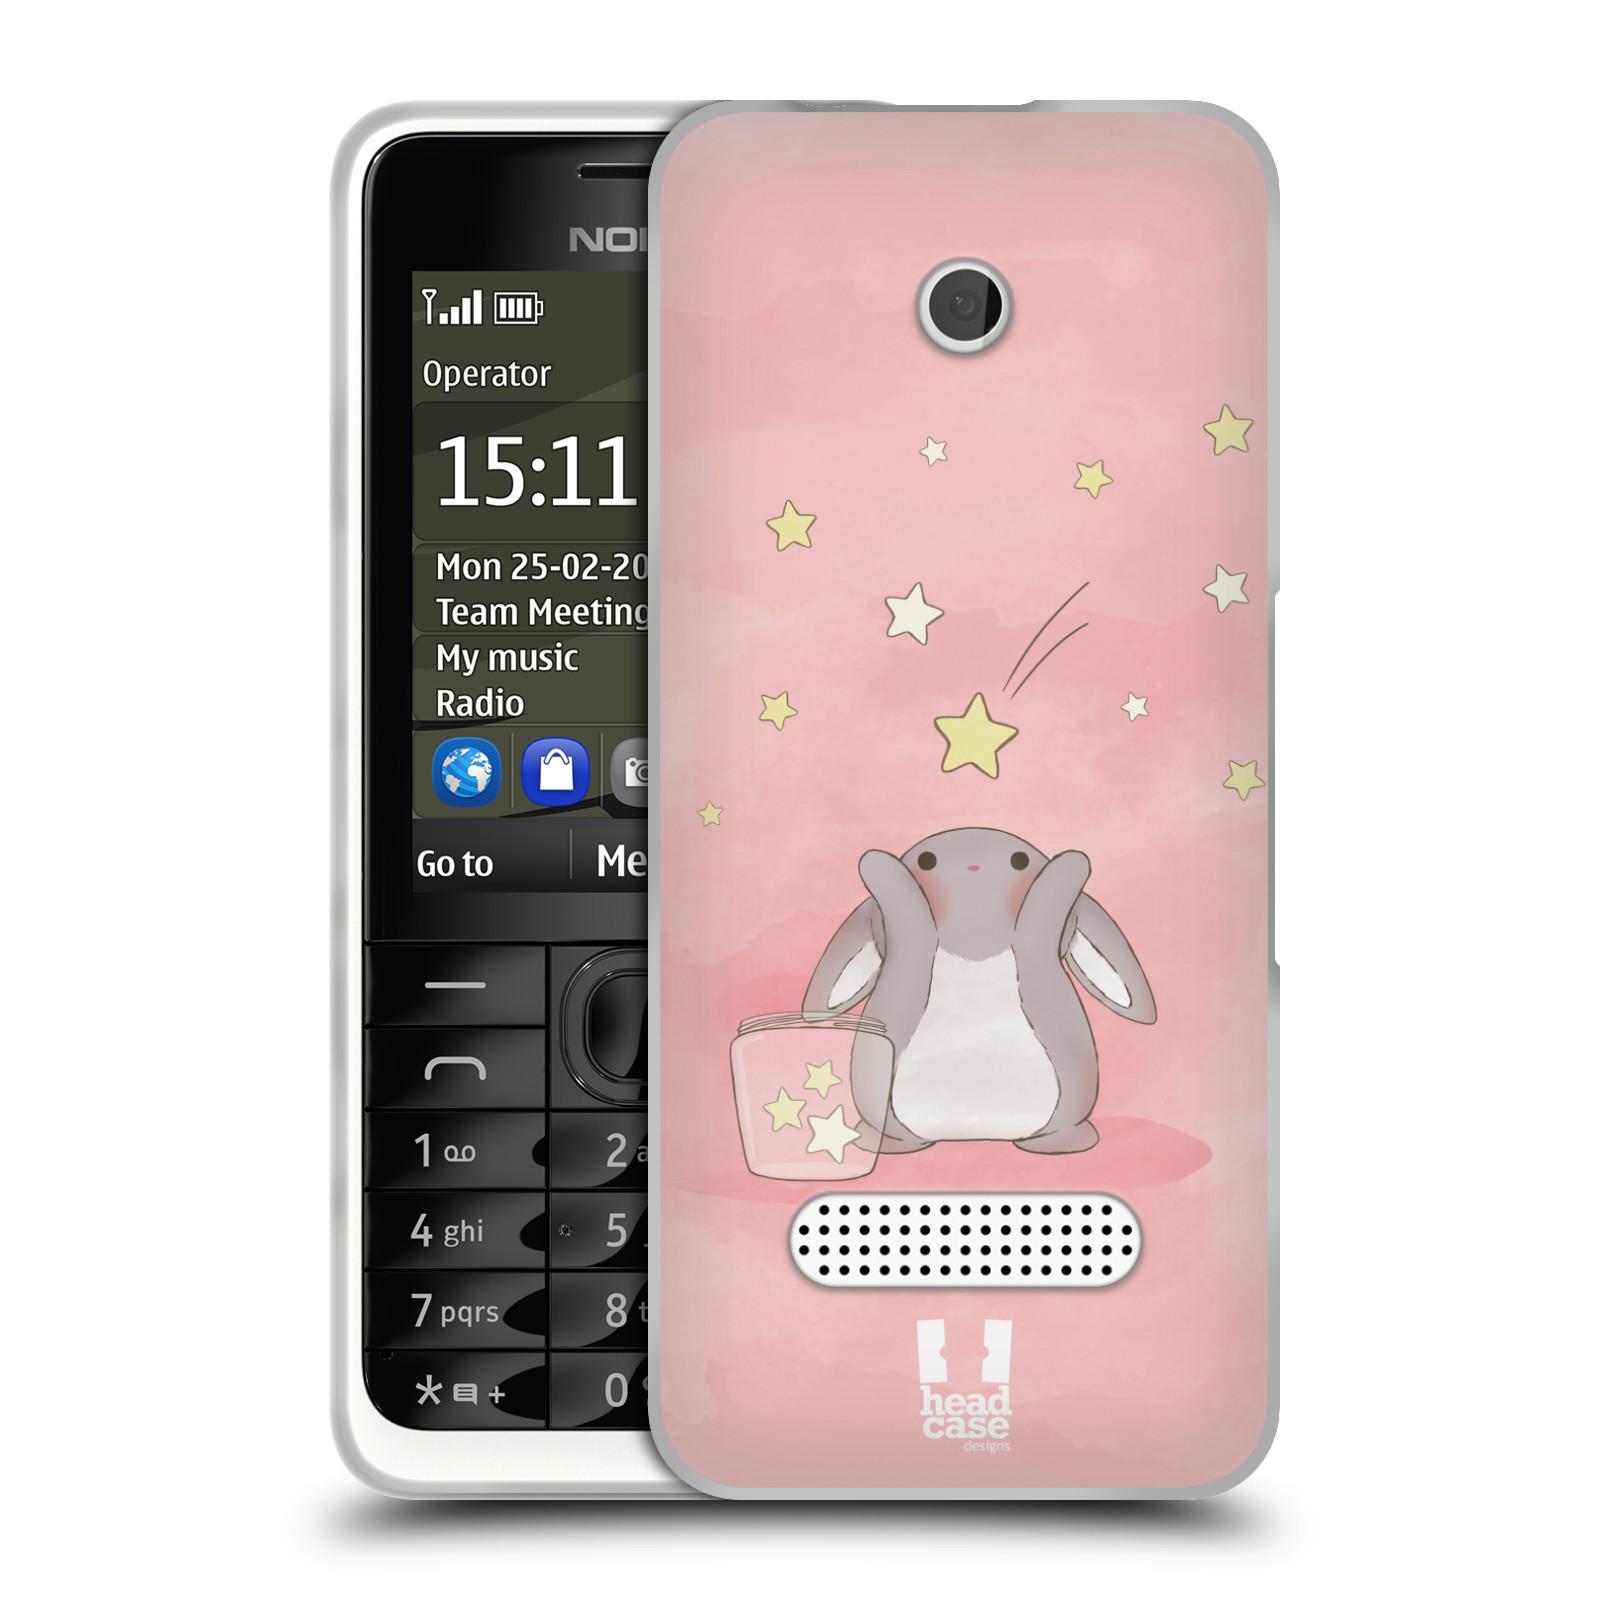 HEAD CASE silikonový obal na mobil NOKIA 301 vzor králíček a hvězdy růžová